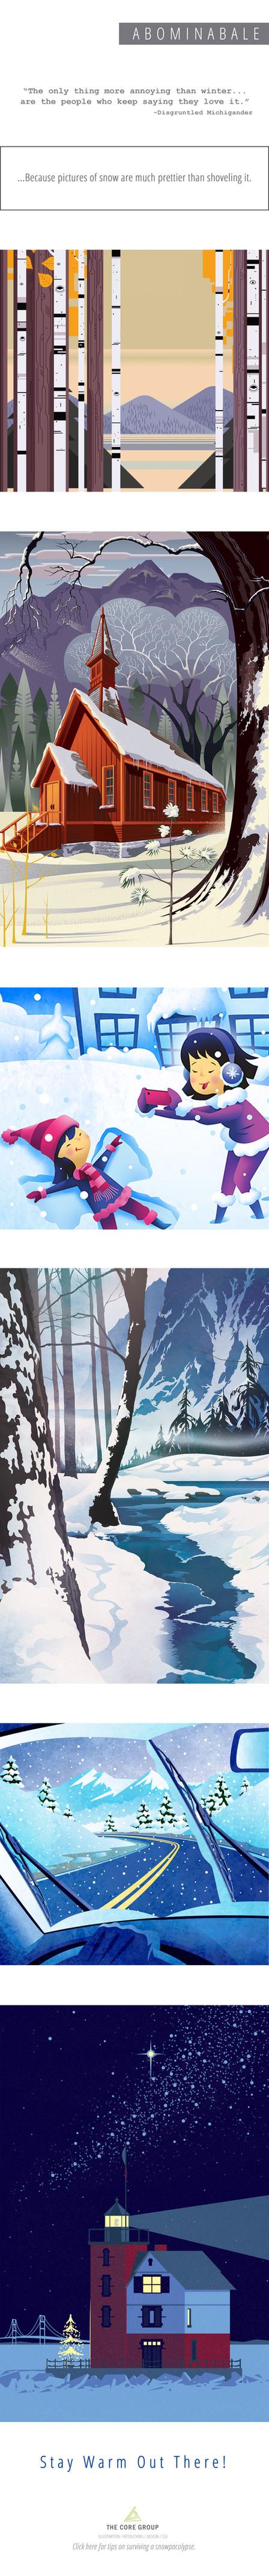 Snow-pocolypse!